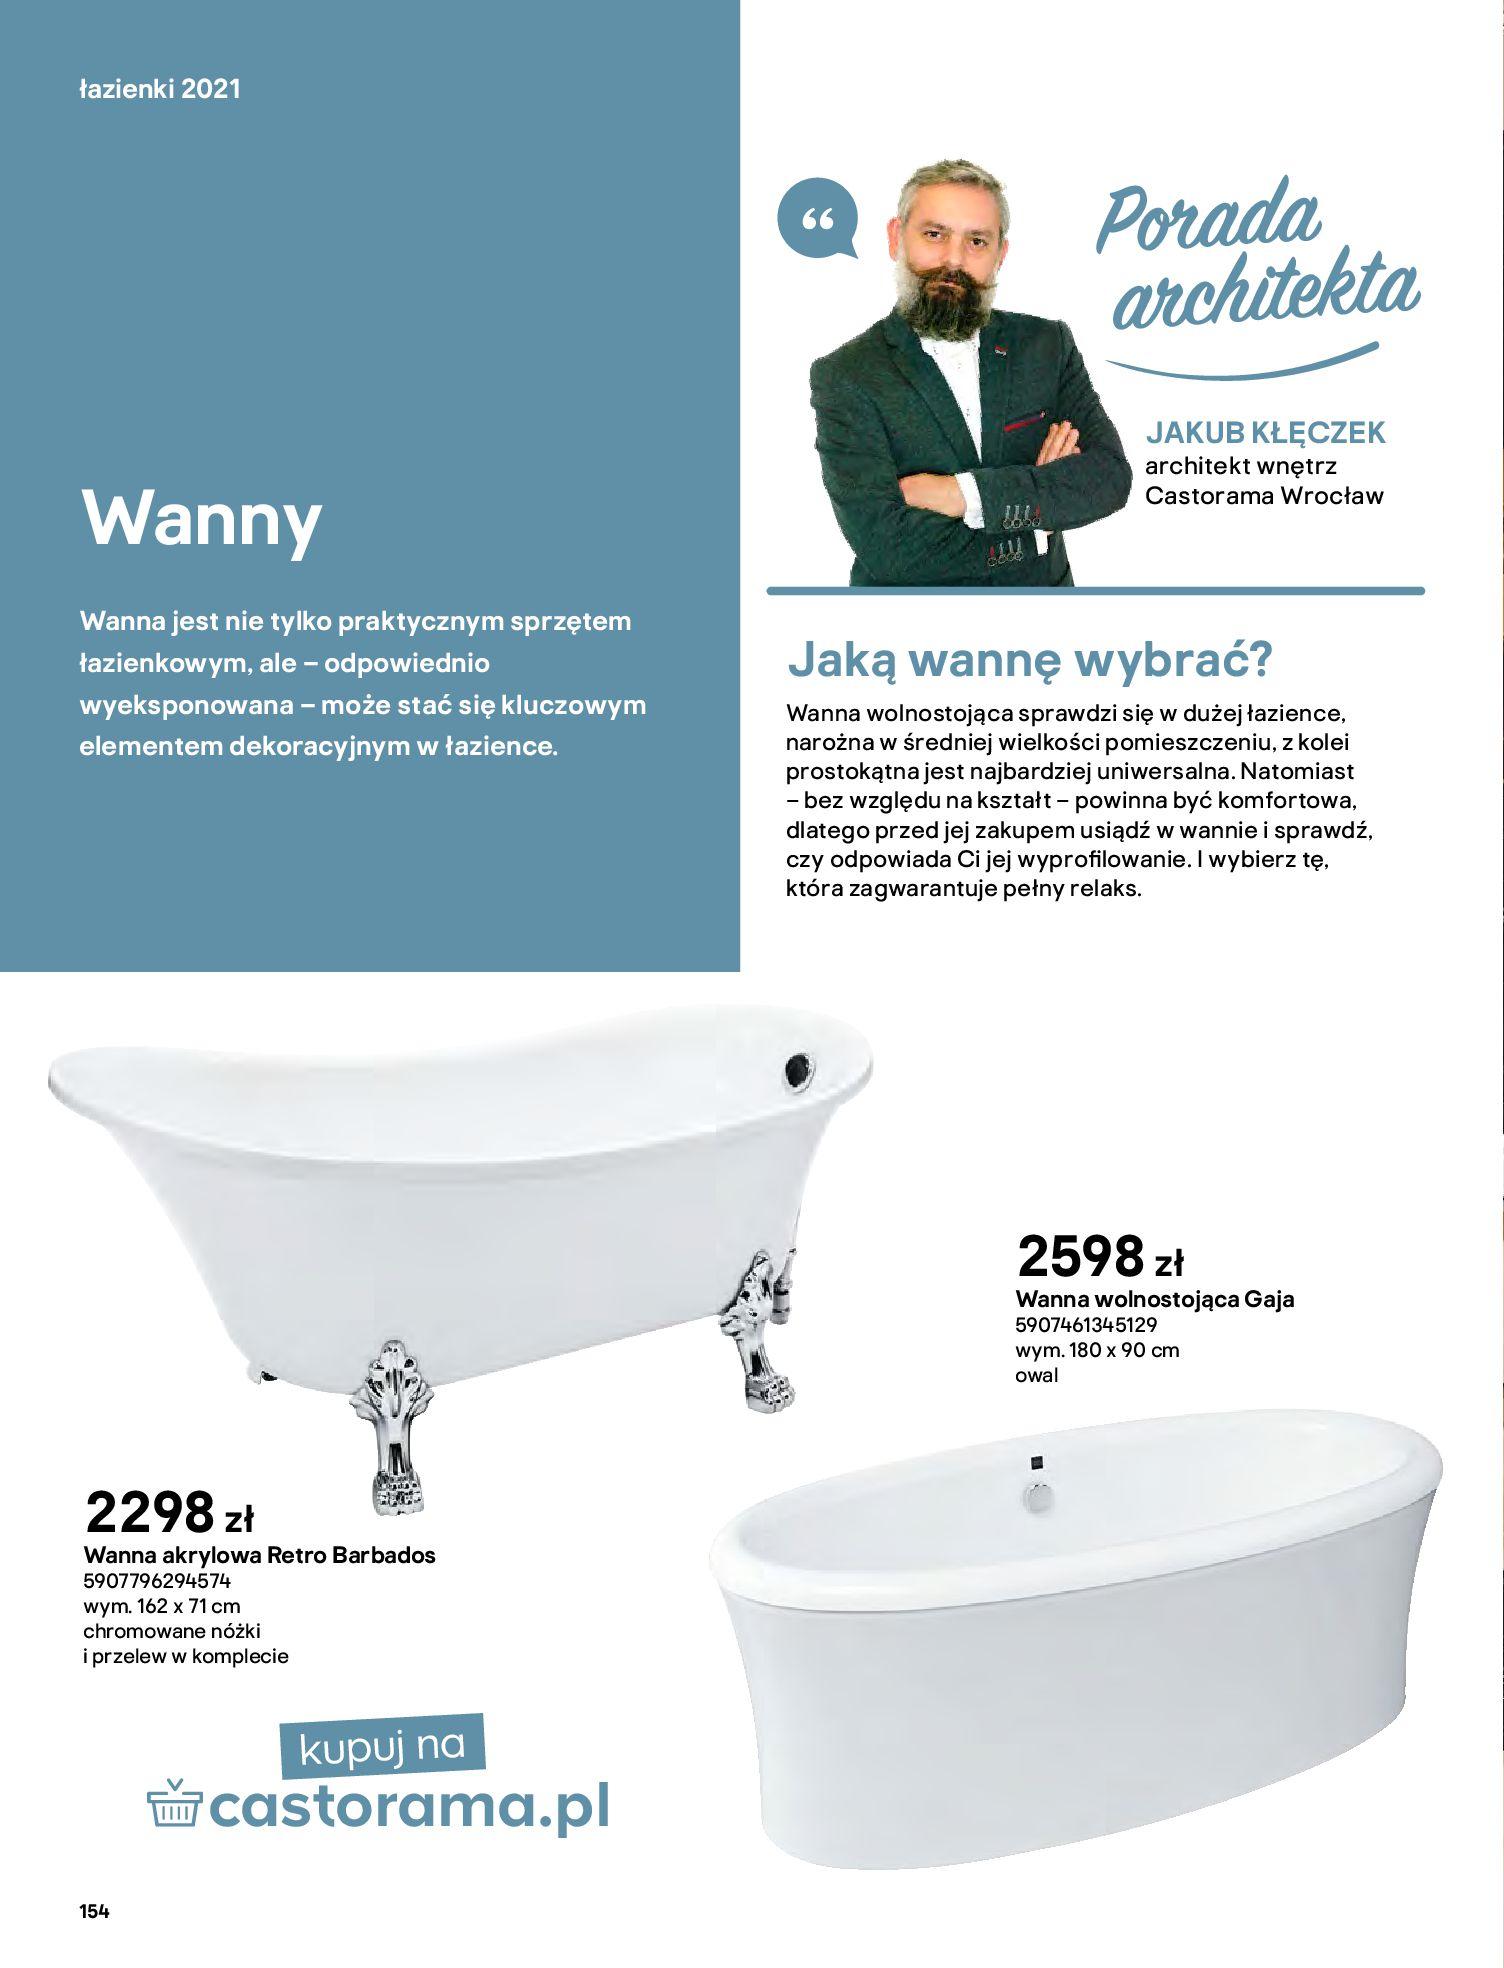 Gazetka Castorama: Gazetka Castorama - katalog łazienki 2021 2021-06-16 page-154